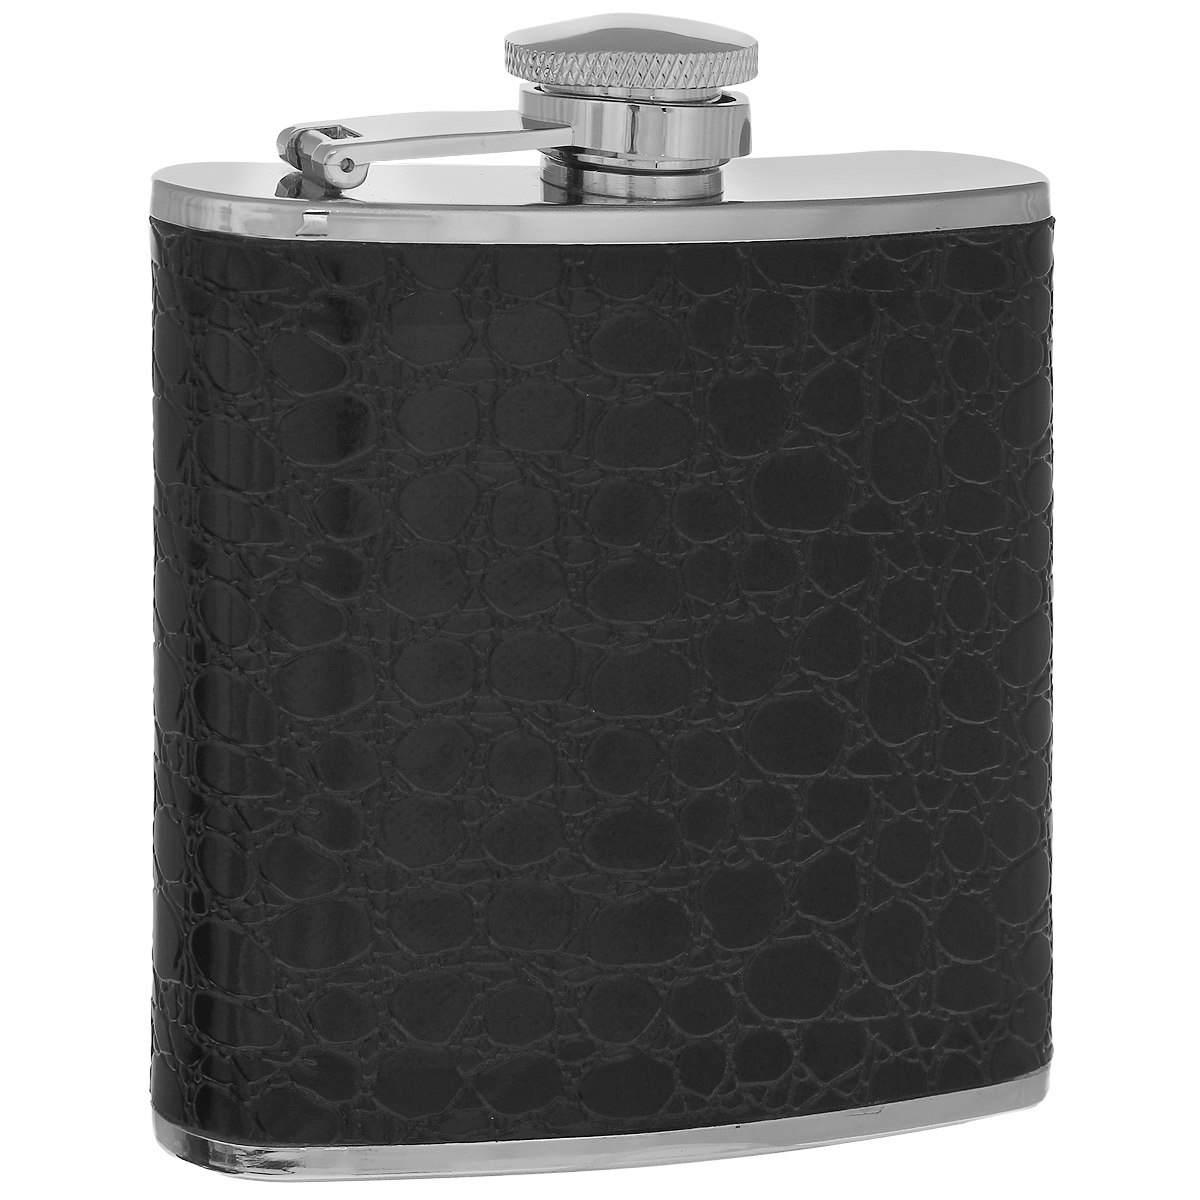 Фляга S.Quire Черный крокодил, 150 мл67742Фляга S.Quire изготовлена из нержавеющей стали 18/10 и оформлена вставкой из искусственной кожи черного цвета с декоративным тиснением под крокодила. Фляга специально предназначена для хранения алкогольных напитков. Ее нельзя использовать для напитков, содержащих кислоту, таких как сок и сердечные лекарства. Крышка плотно закрывается, предотвращая проливание. Фляга S.Quire - идеальный подарок для настоящих мужчин. Стильный дизайн, компактность и качество изделия, несомненно, порадуют любого мужчину.